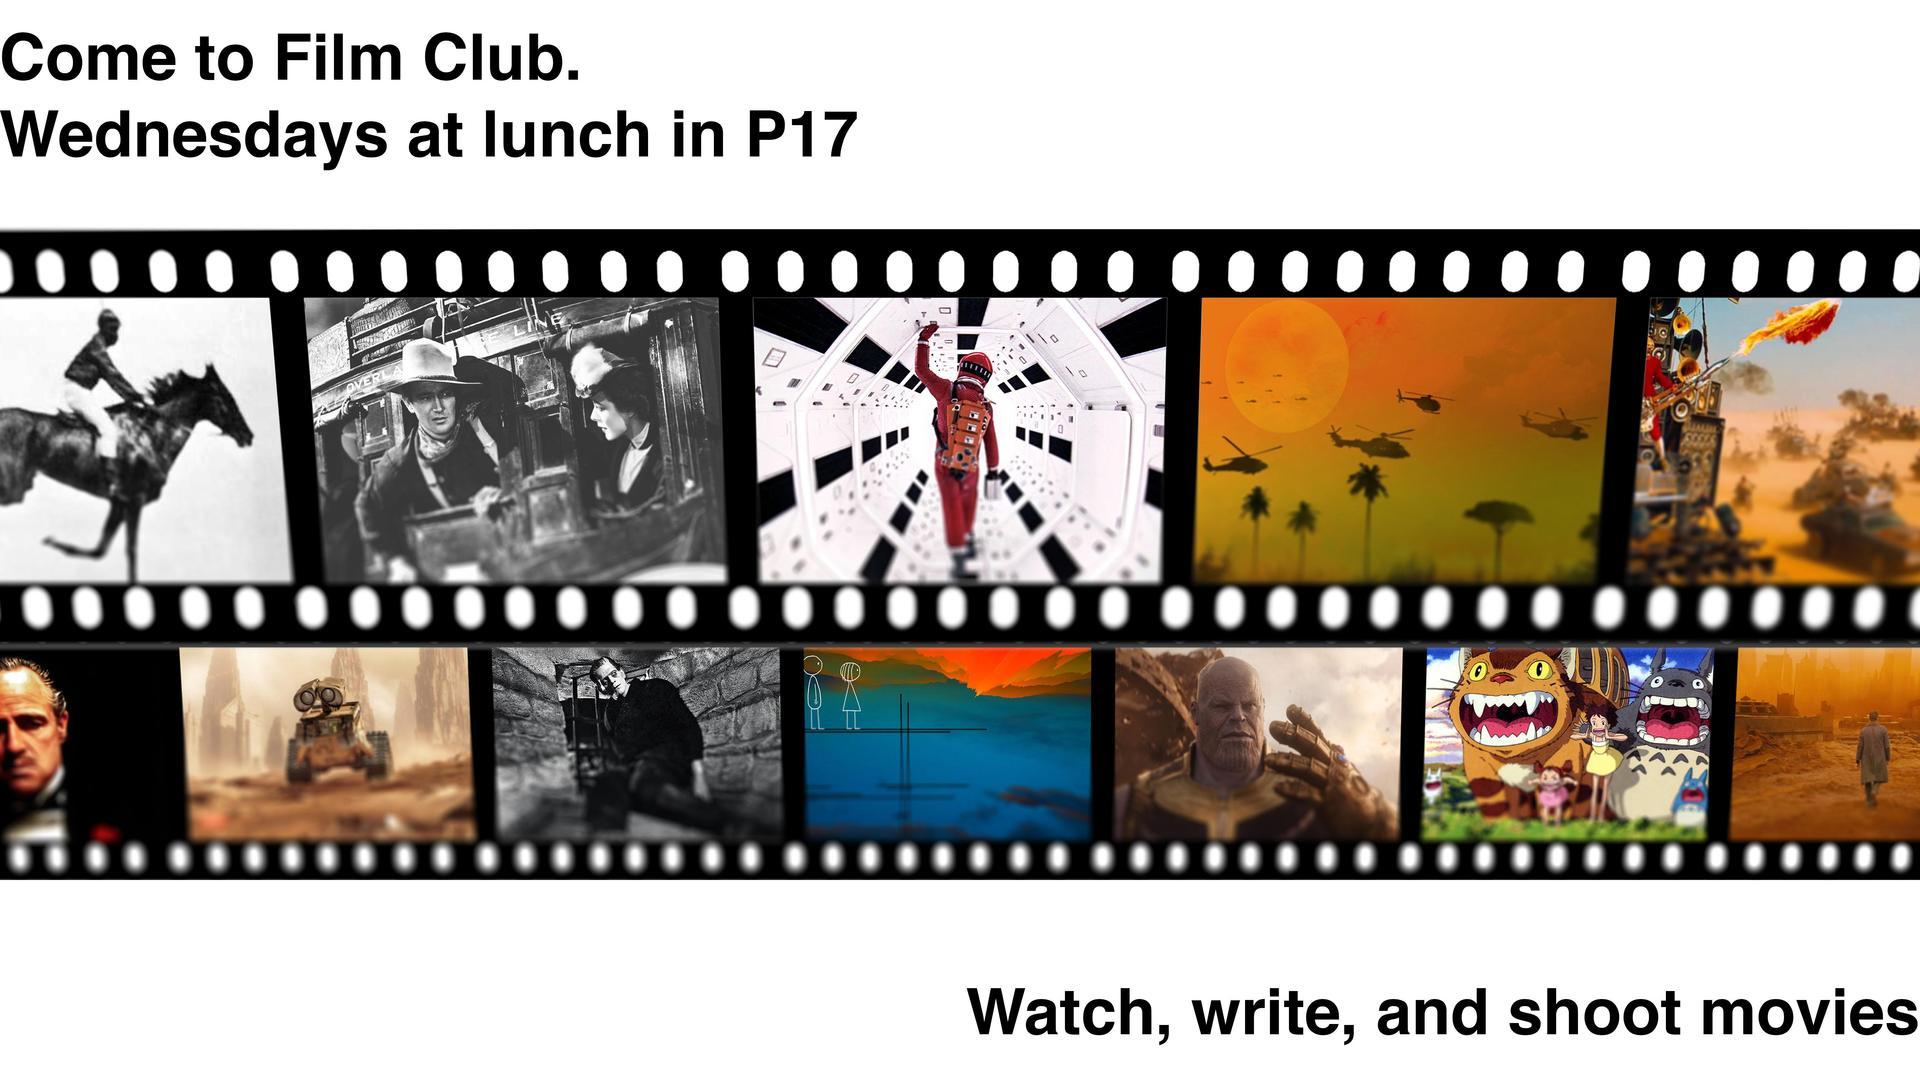 2337x movie